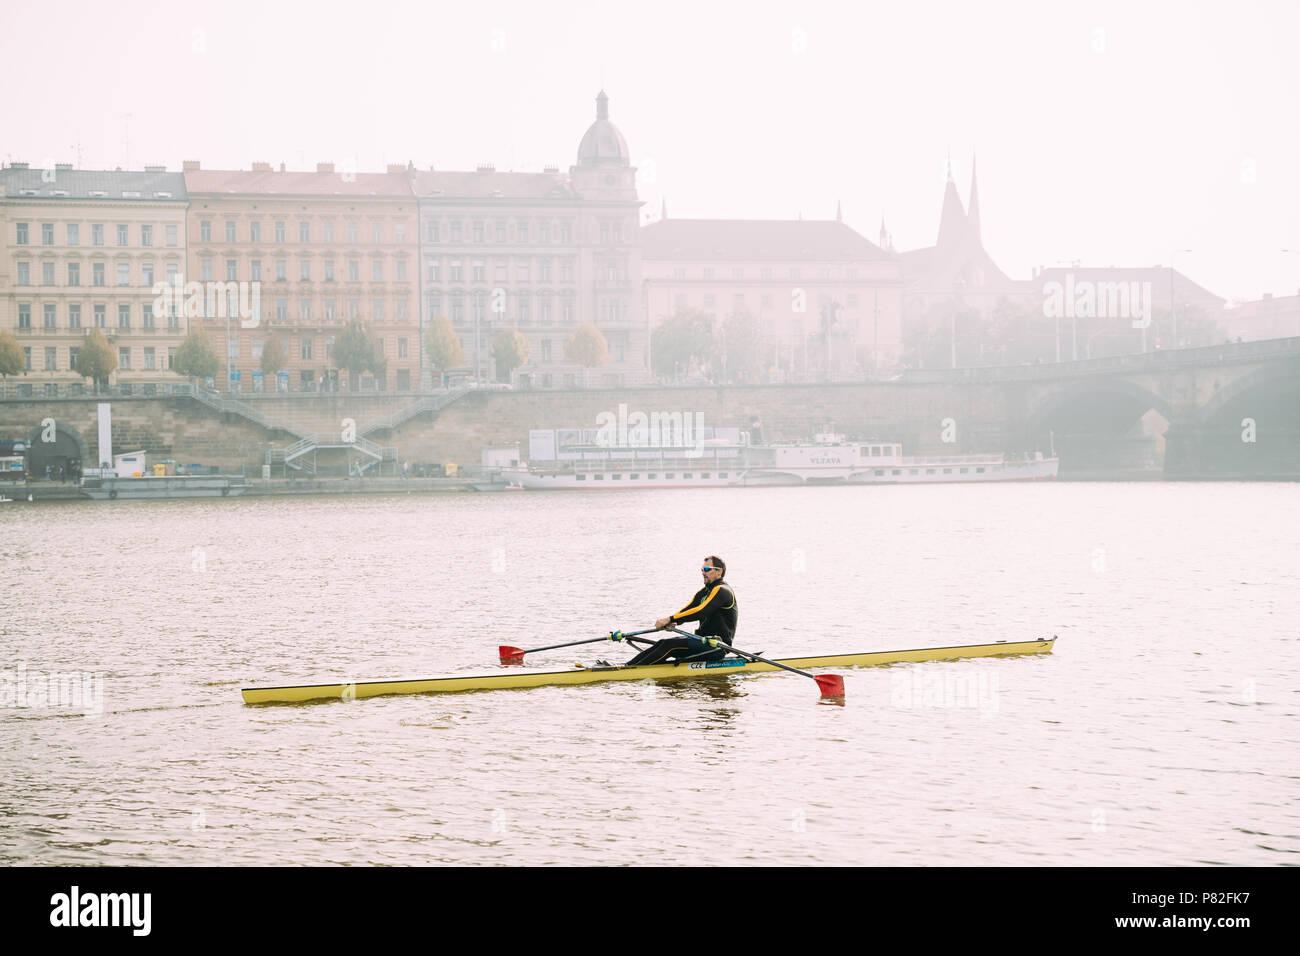 Prague, Czech Republic - September 23, 2017: Man Training On Kayak In Vltava River. - Stock Image